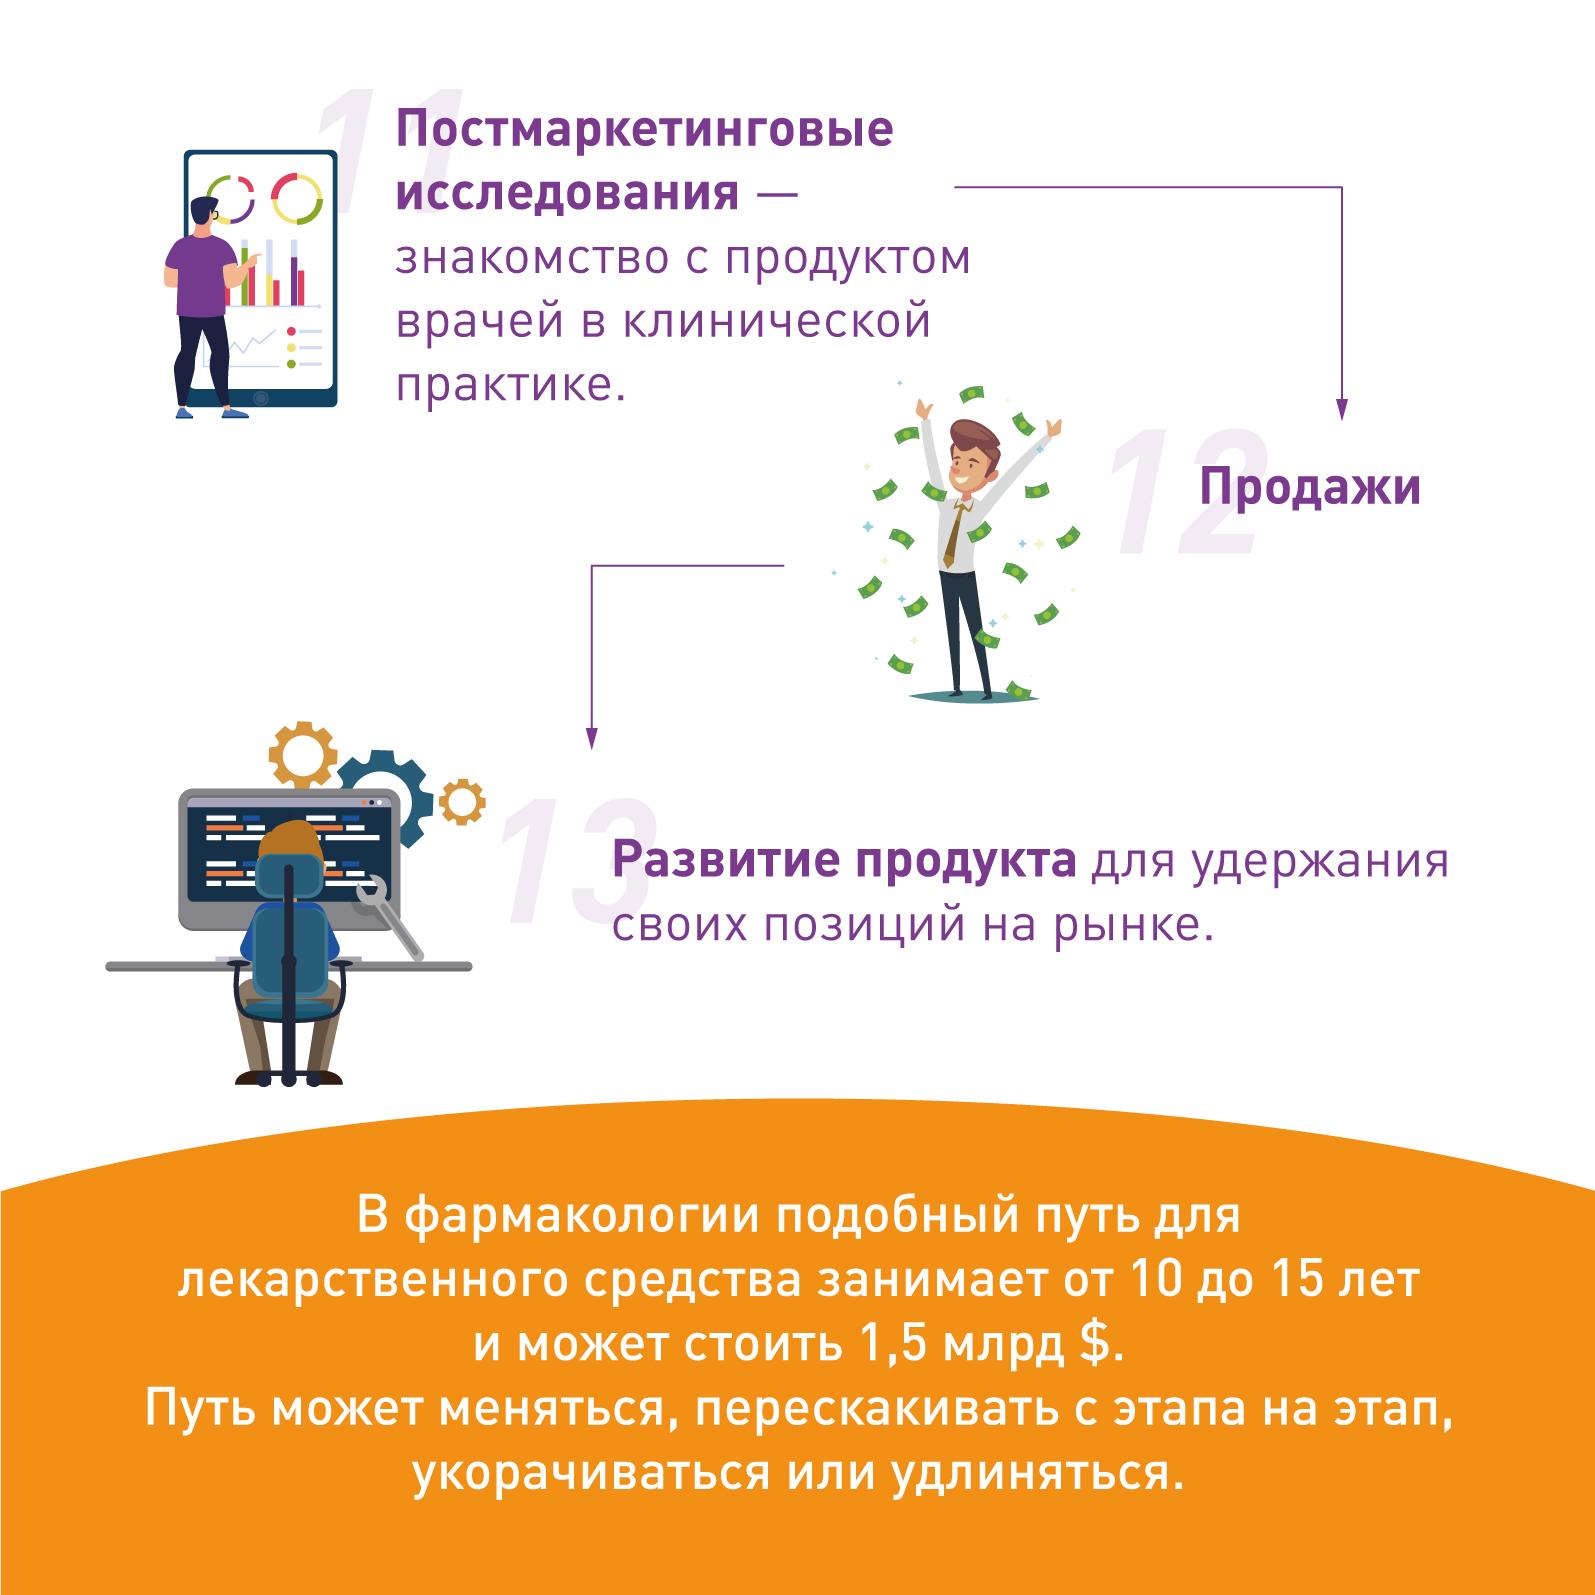 Цикл развития продукта в цифровой медицине